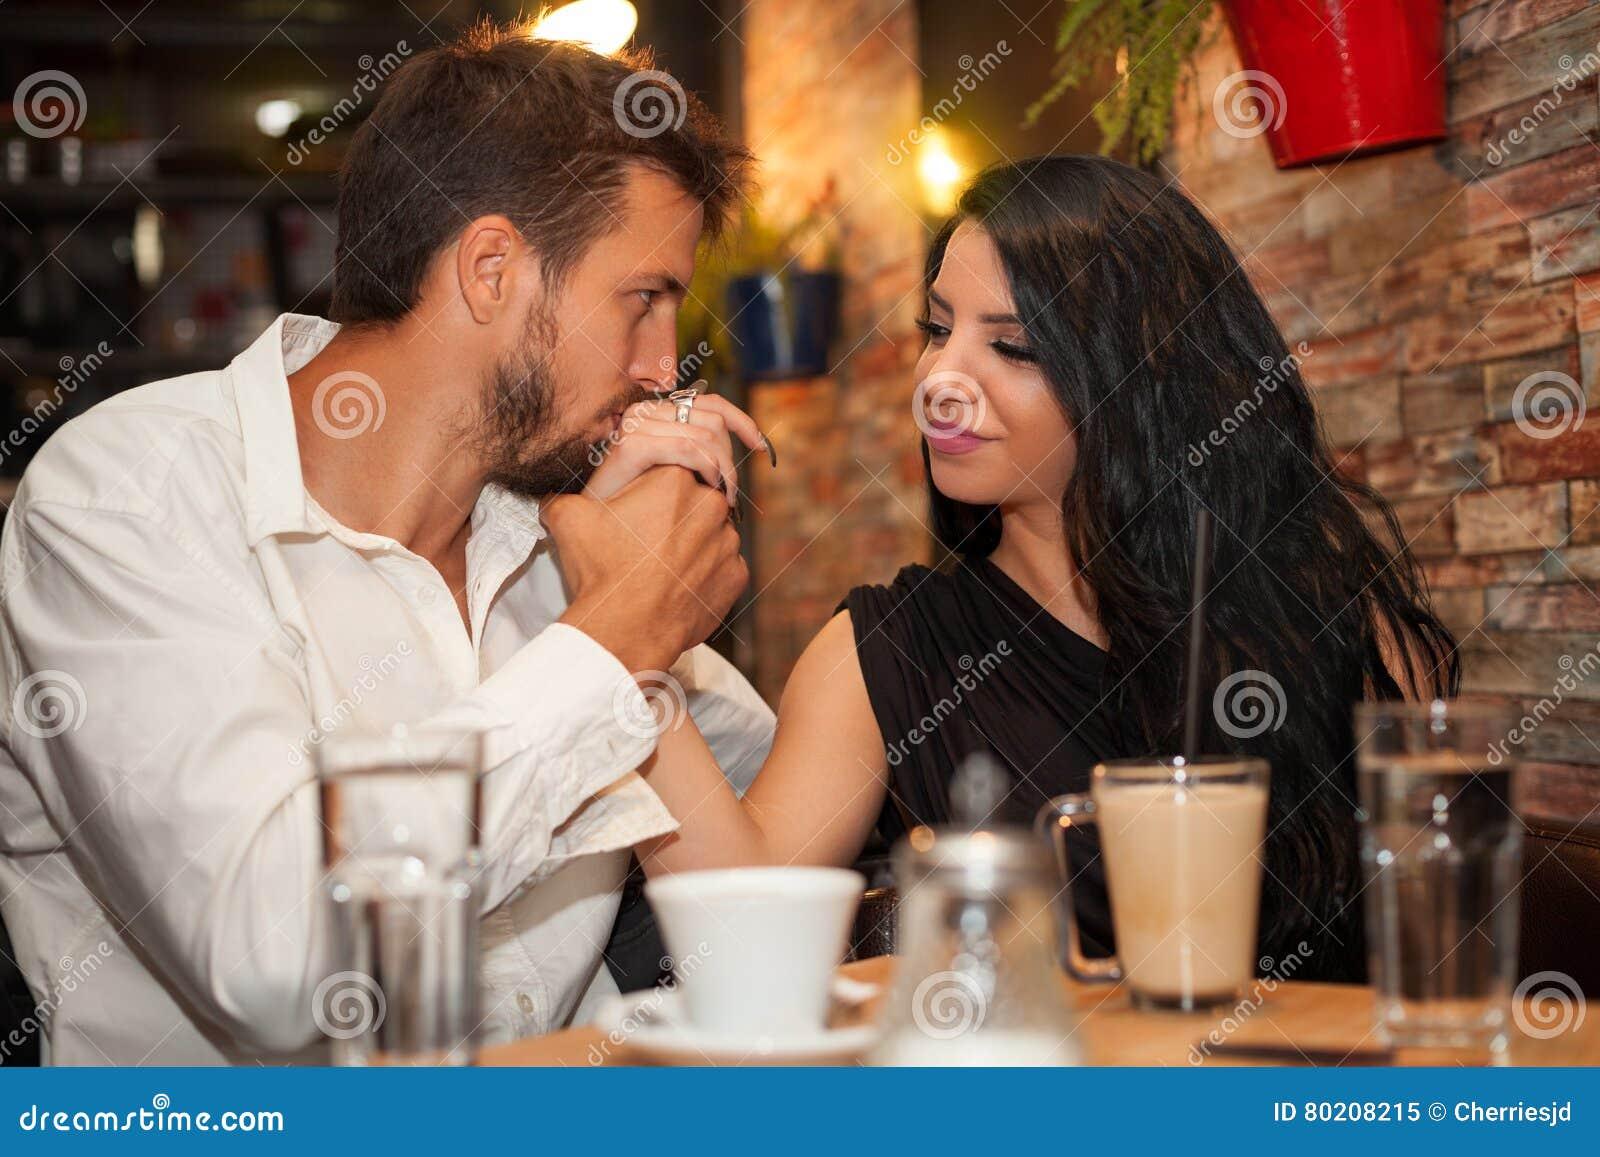 Dating-Konzerthafen